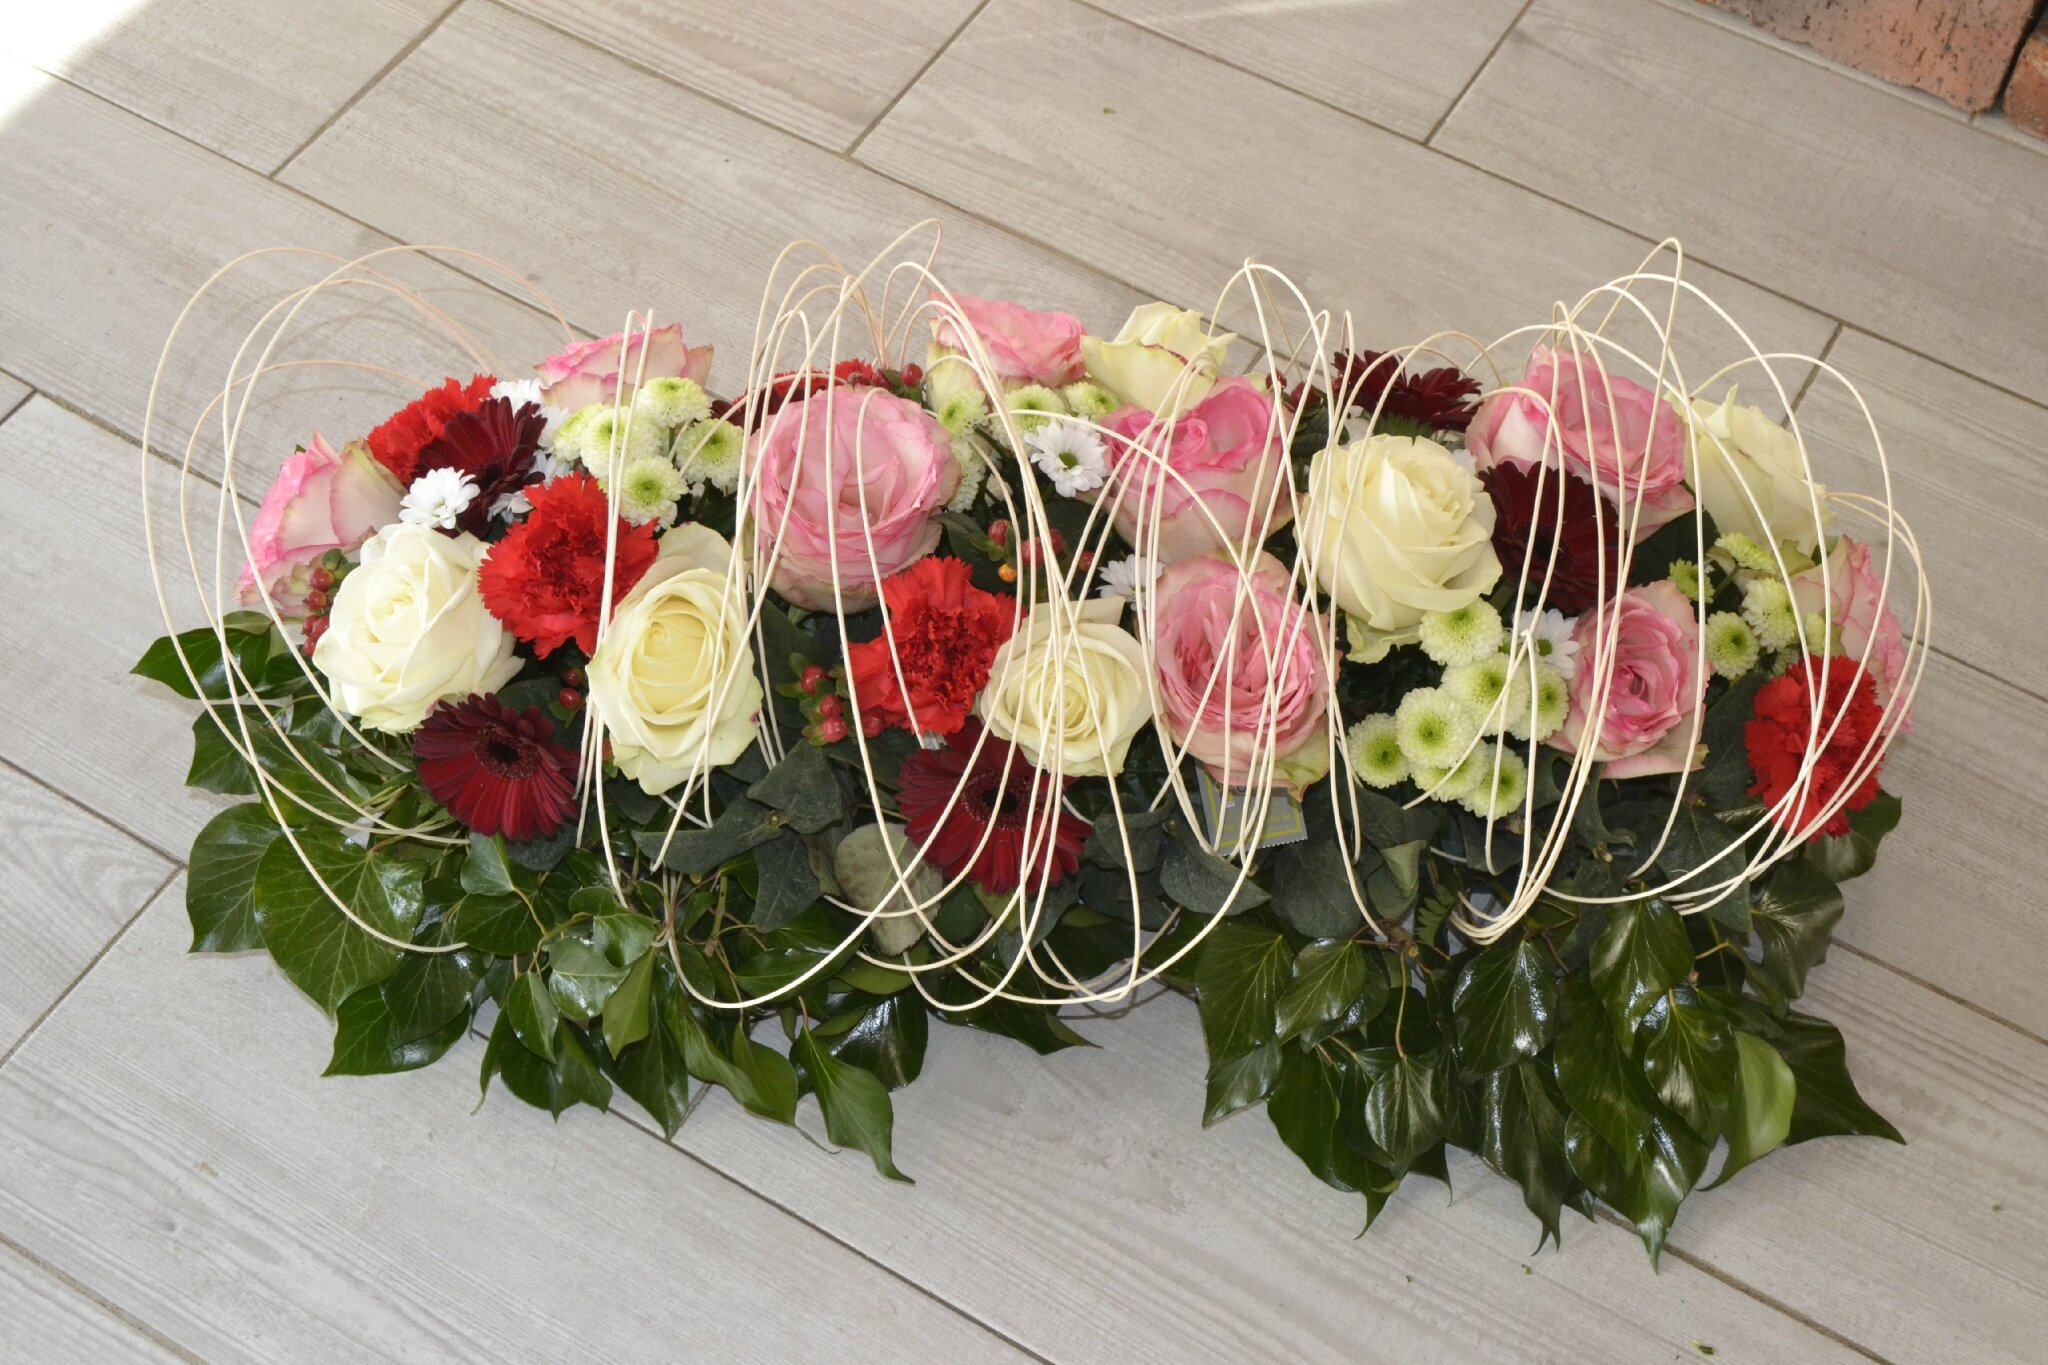 Extrêmement Deuil, décès, entrerrement : Au Fil des Fleurs livre vos fleurs  JJ31